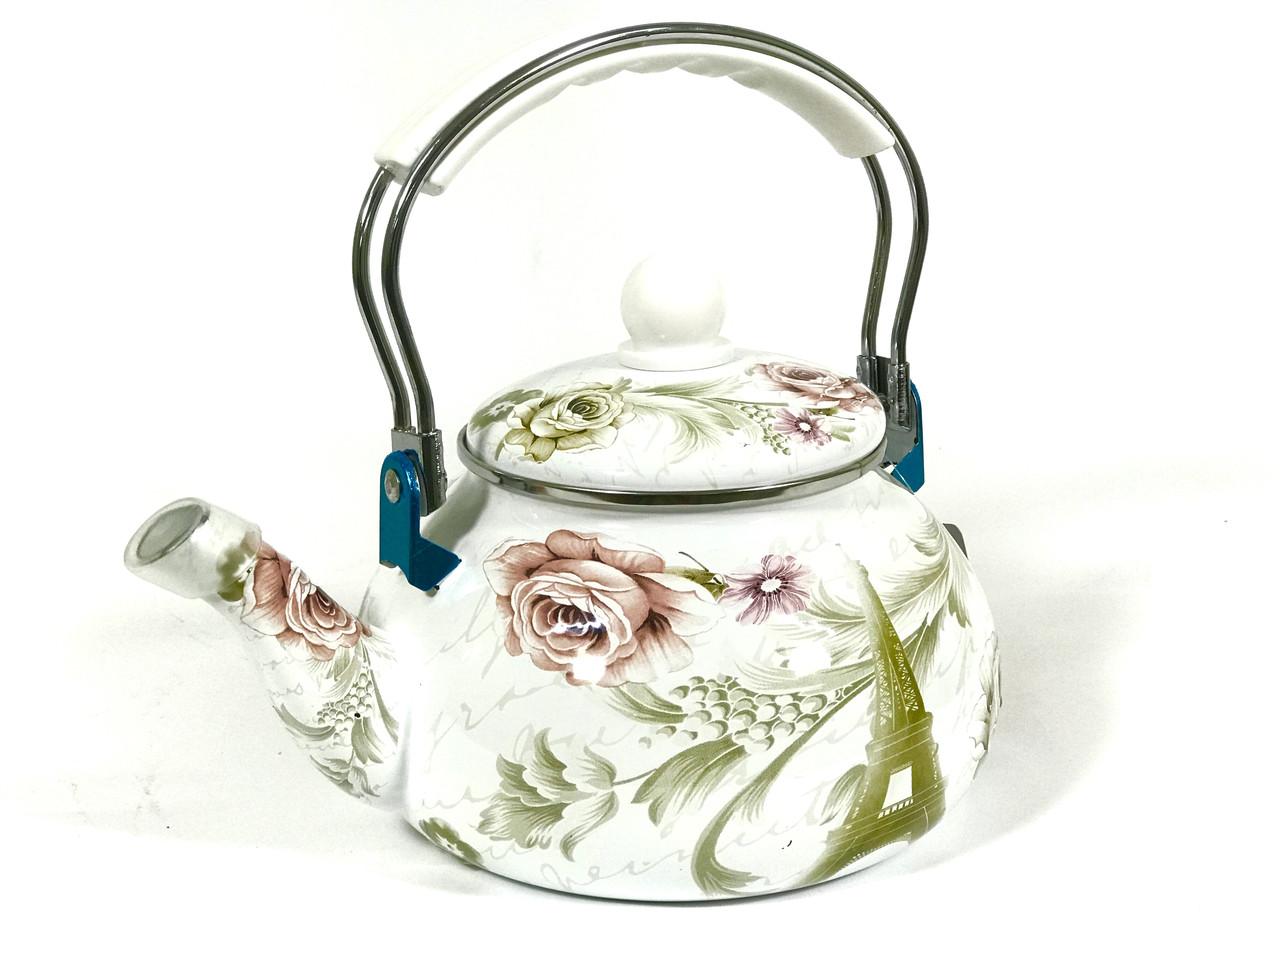 Эмалированный чайник Hoffner 4935 Paris flowers 2,5 литра c бакелит ручкой